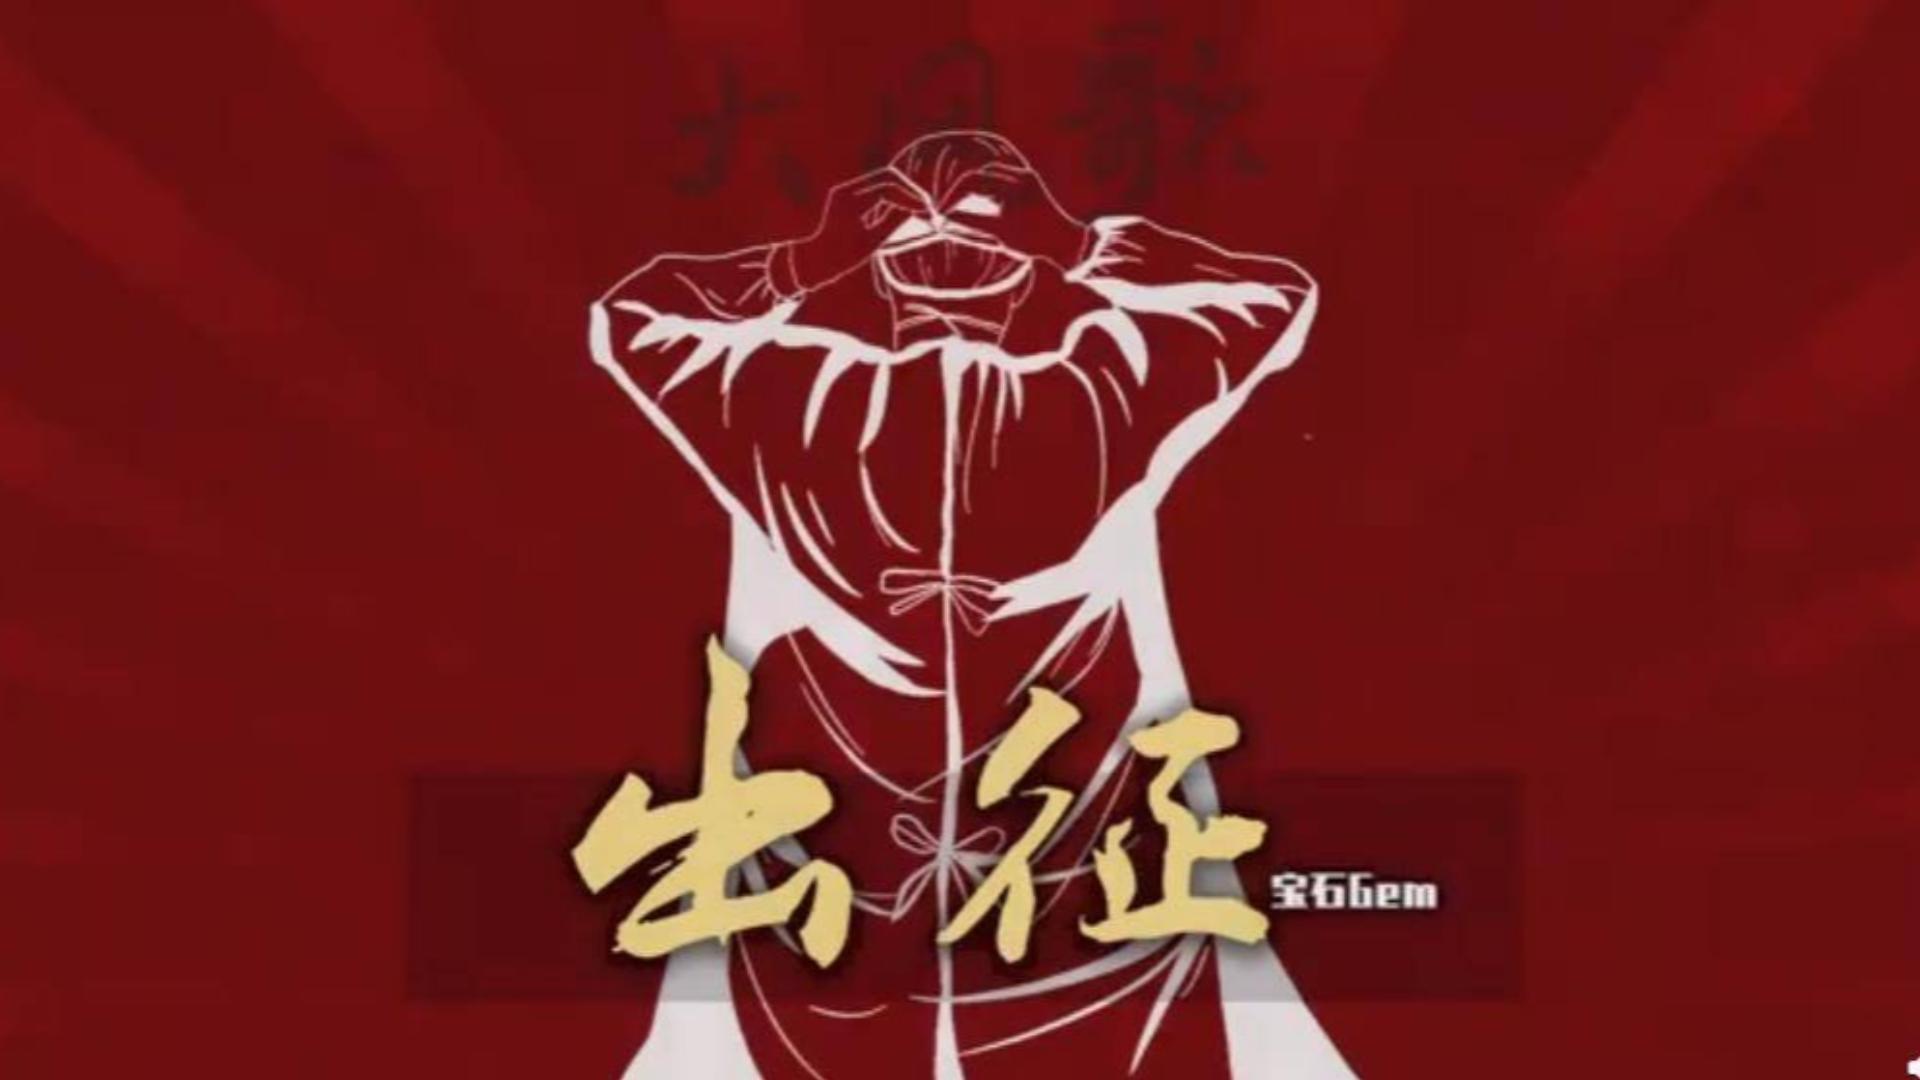 宝石GEM老舅新歌《出征》+央视元宵晚会合唱版